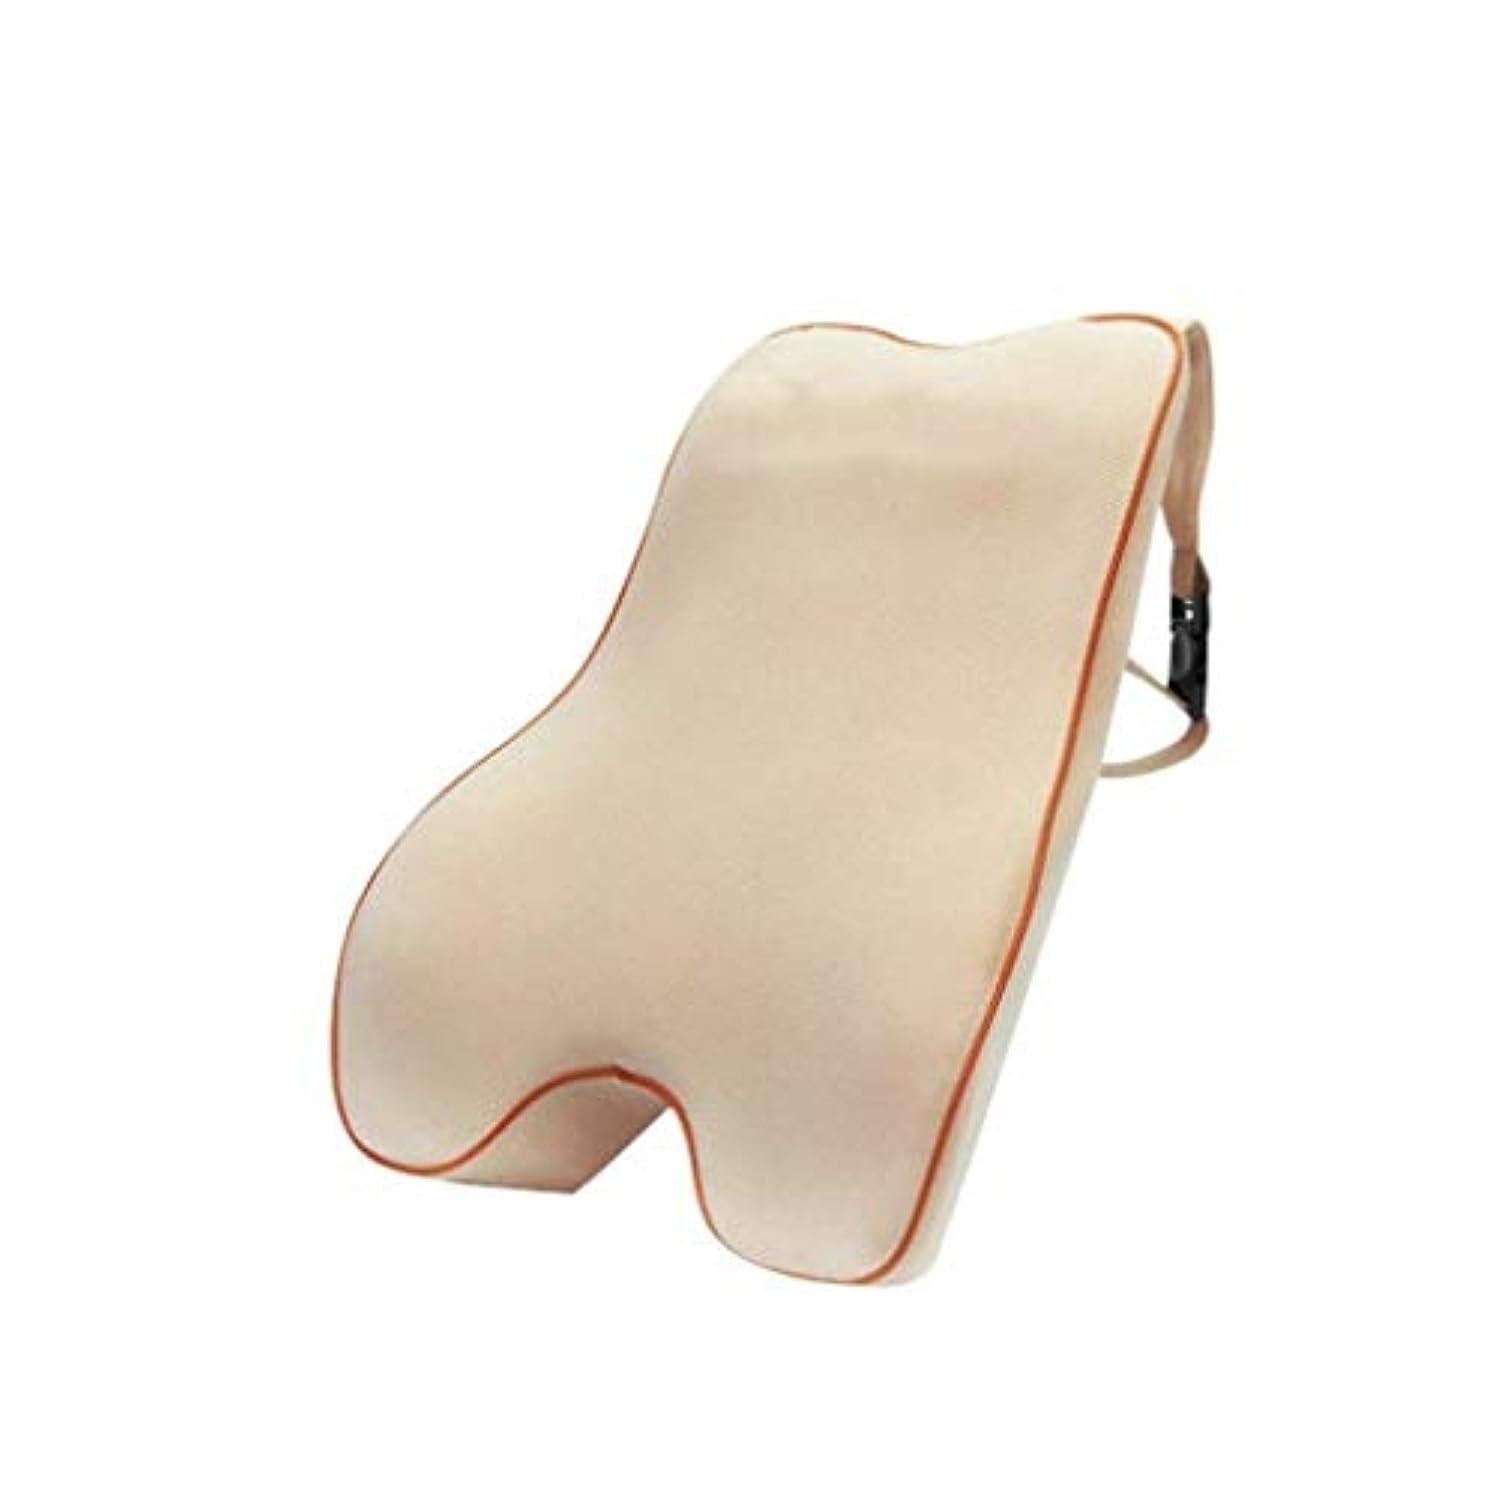 許可する提案陪審腰椎枕 - 100%低反発腰椎クッション - ポータブル枕 - 整形外科用ウエストサポート枕 - 車のオフィスチェア - 長距離運転オフィスに適した腰痛緩和